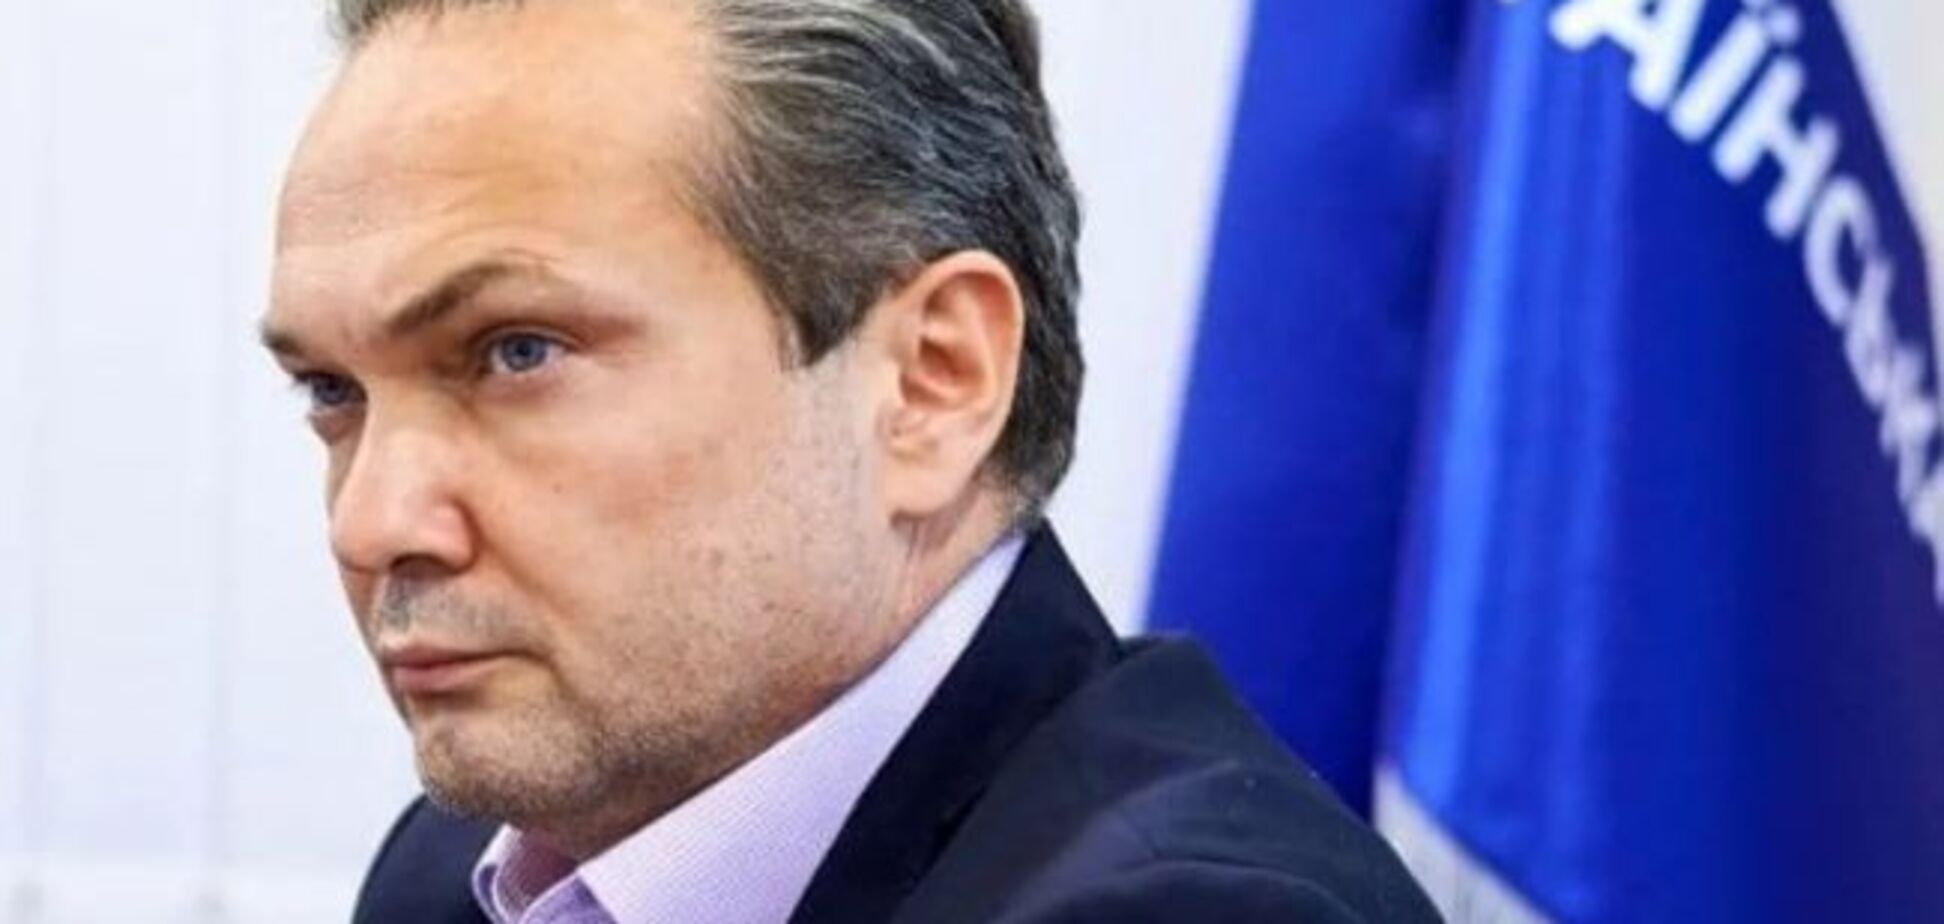 Коммерческий директор УЗ объявил об увольнении из-за давления и блокирования реформ